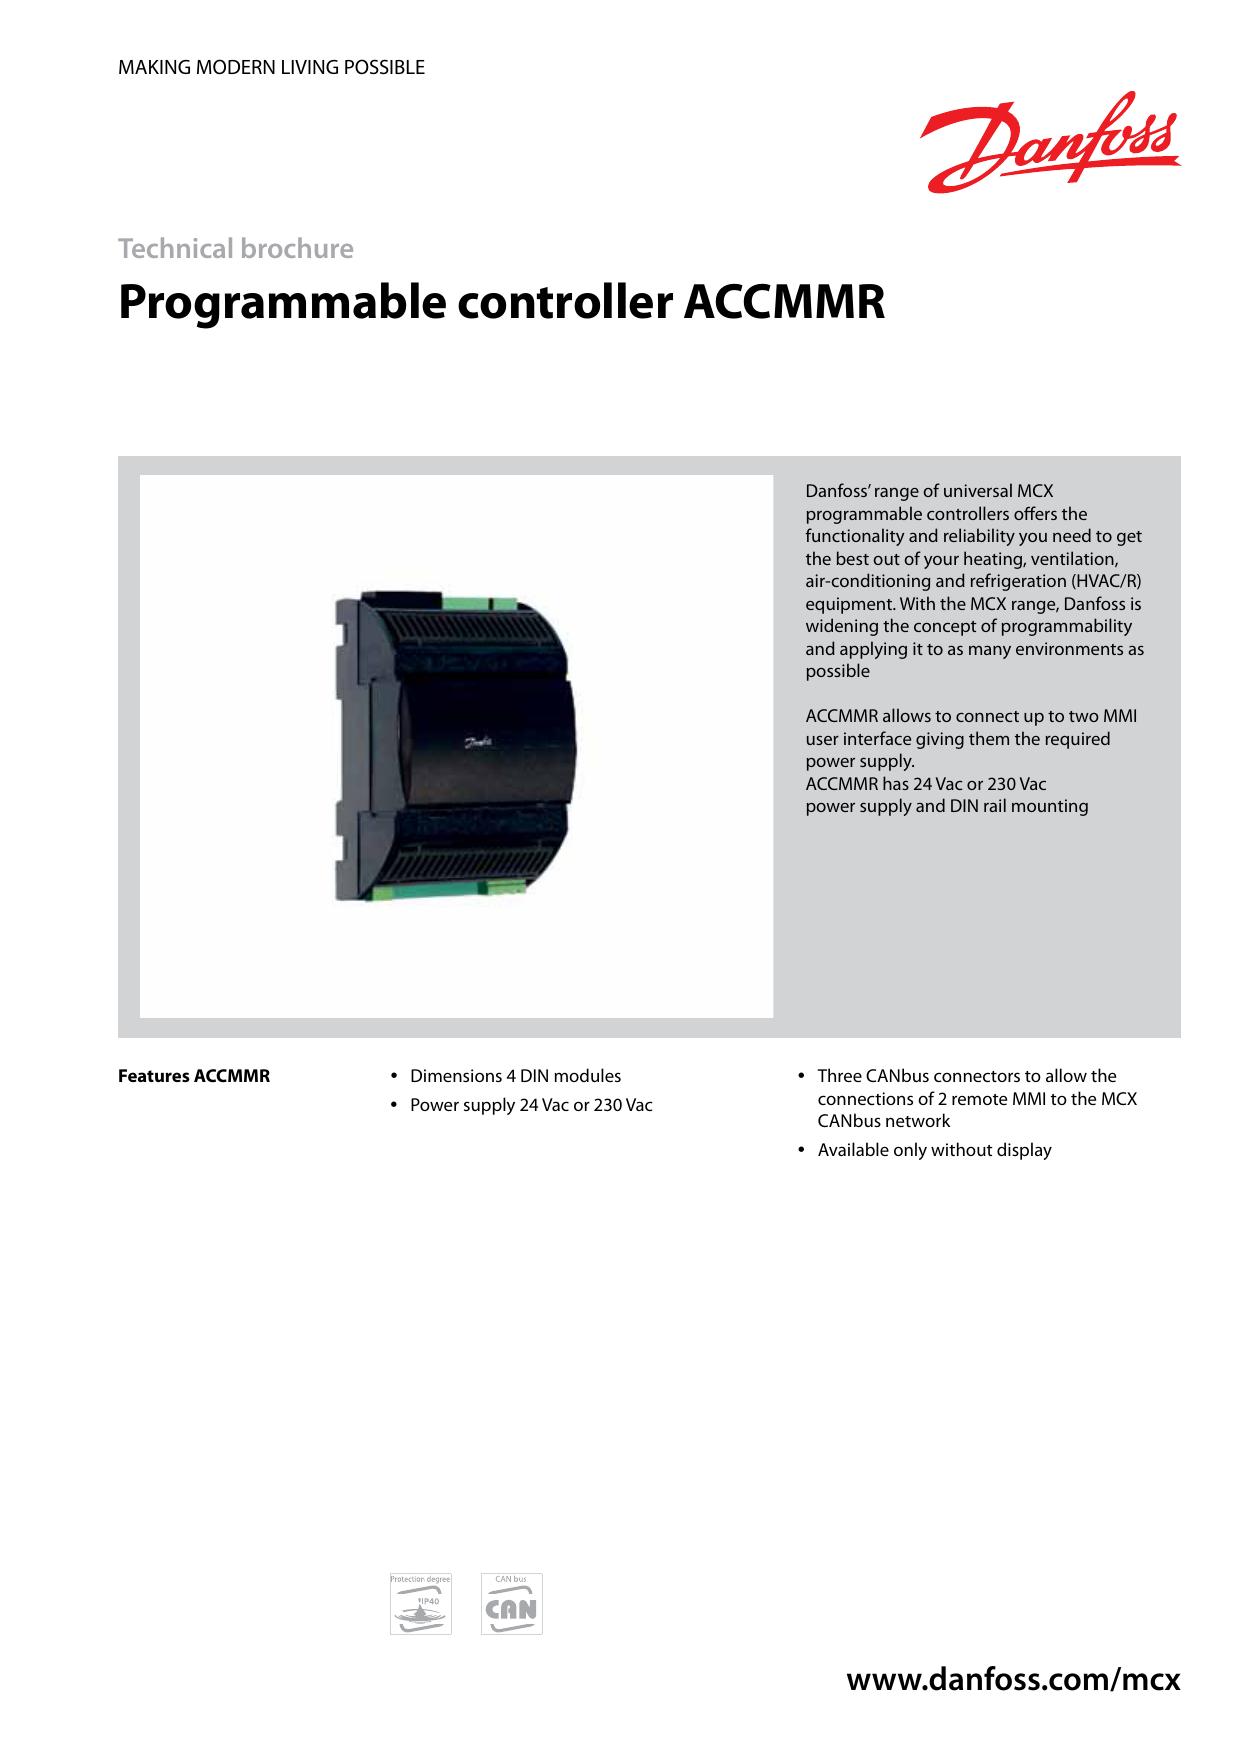 инструкция контроллер danfoss mcx